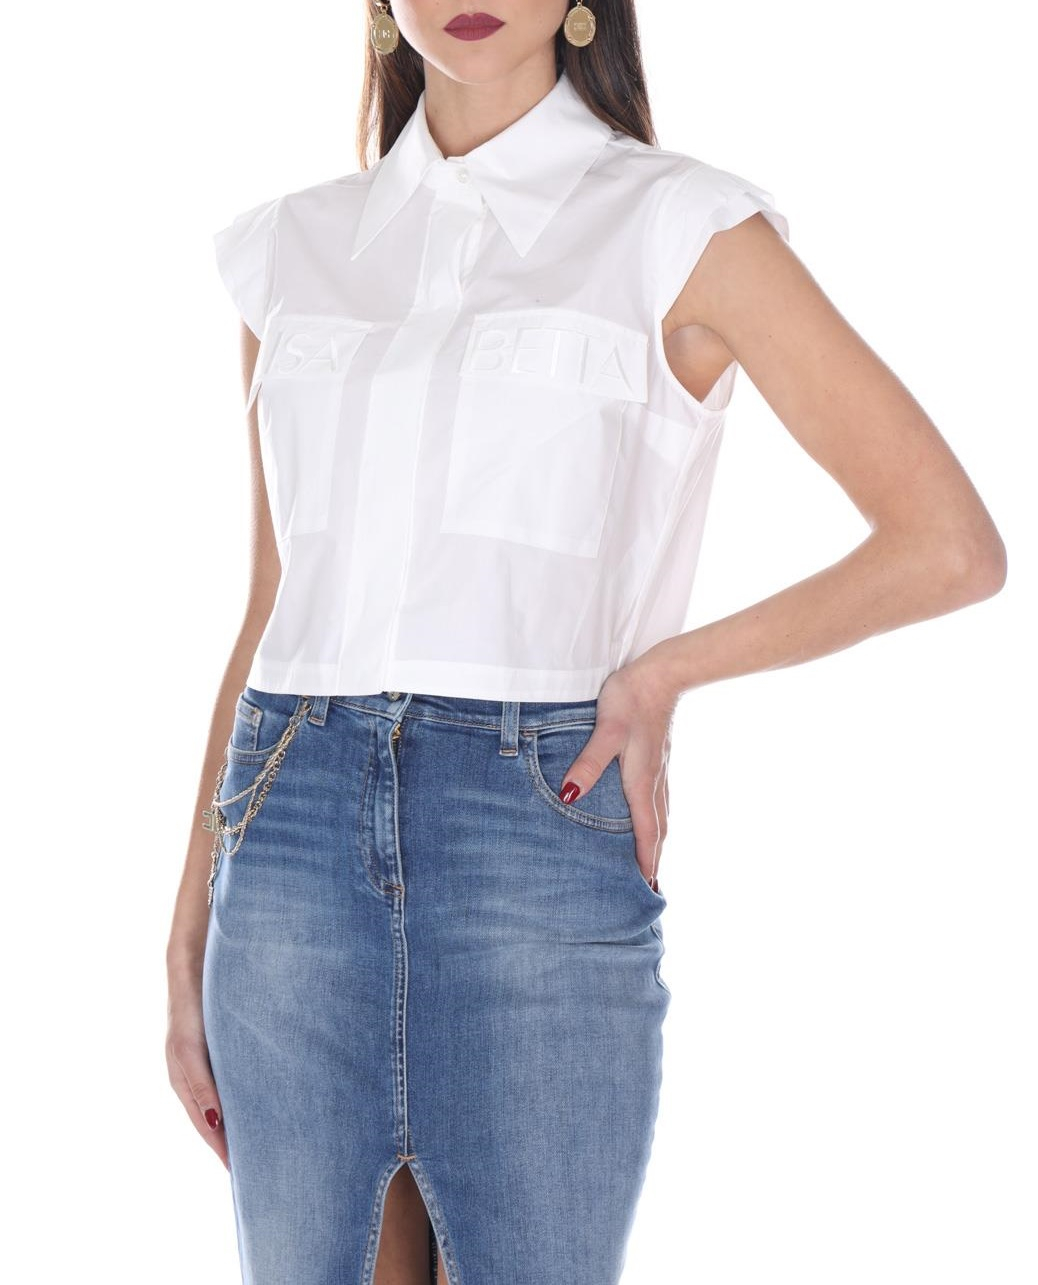 Camicia in Cotone Elisabetta Franchi CA24701E2 100BIANCO  -19